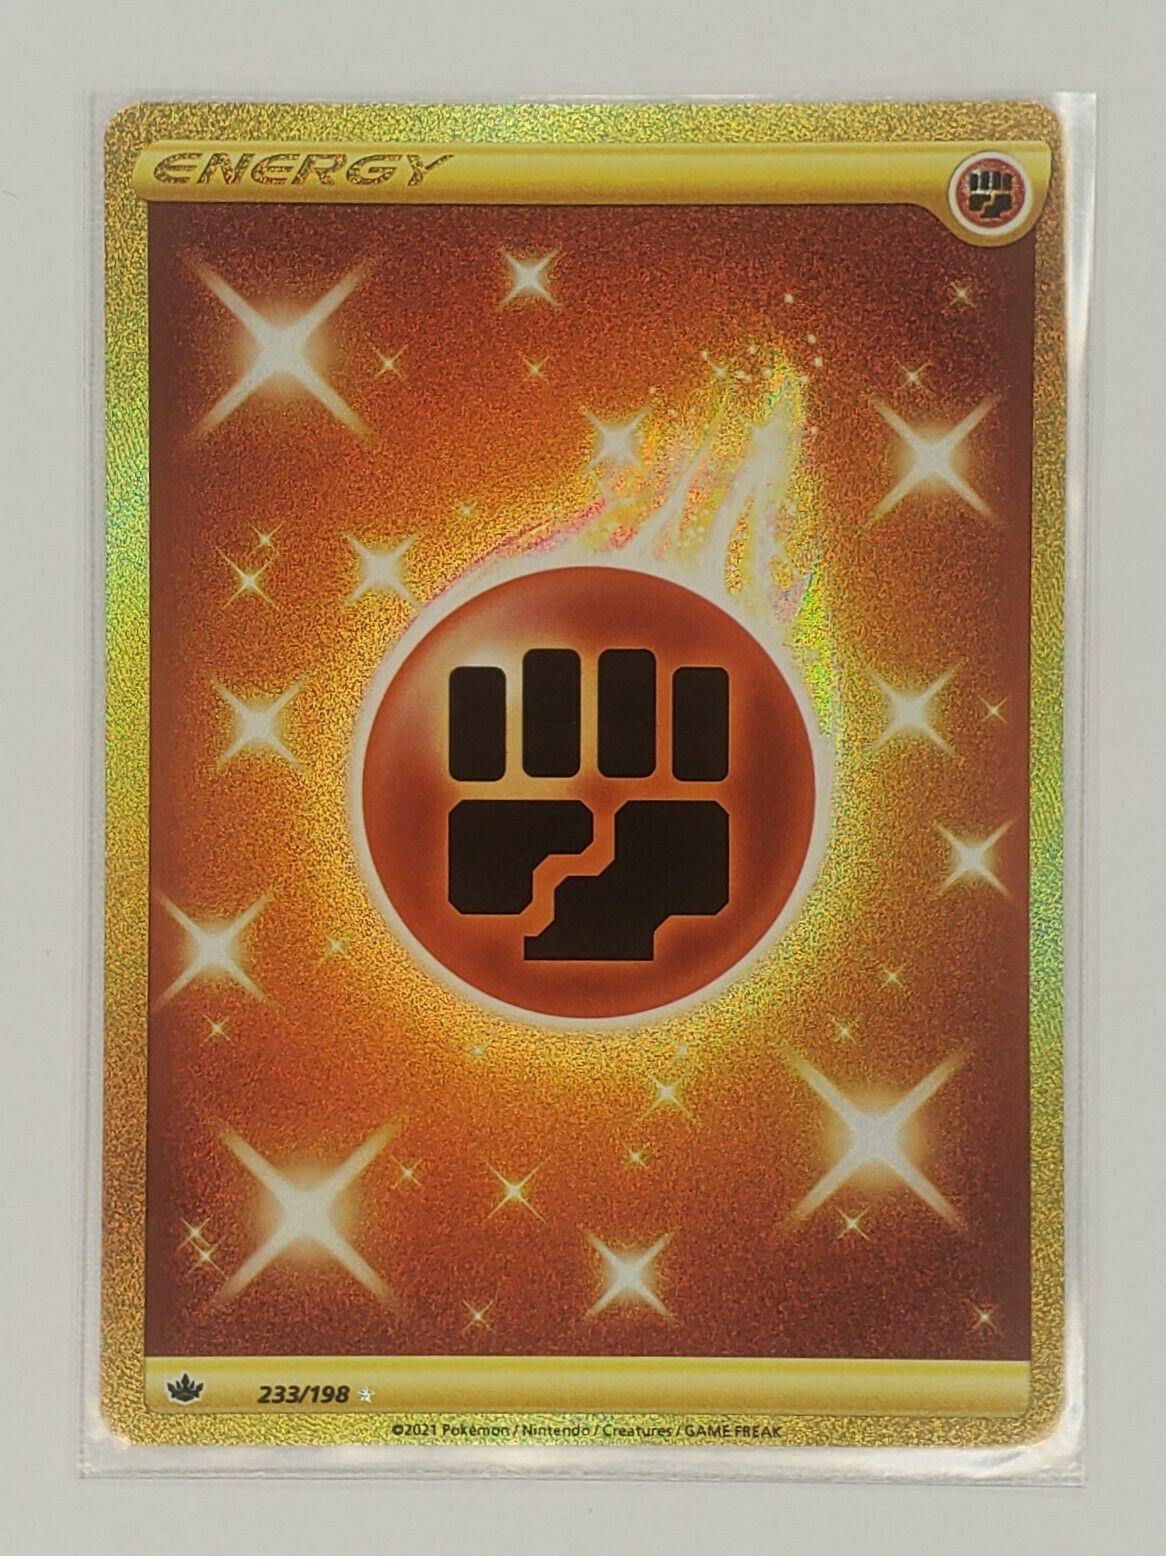 Pokemon Chilling Reign Fighting Energy 233/198 Secret Rare Gold